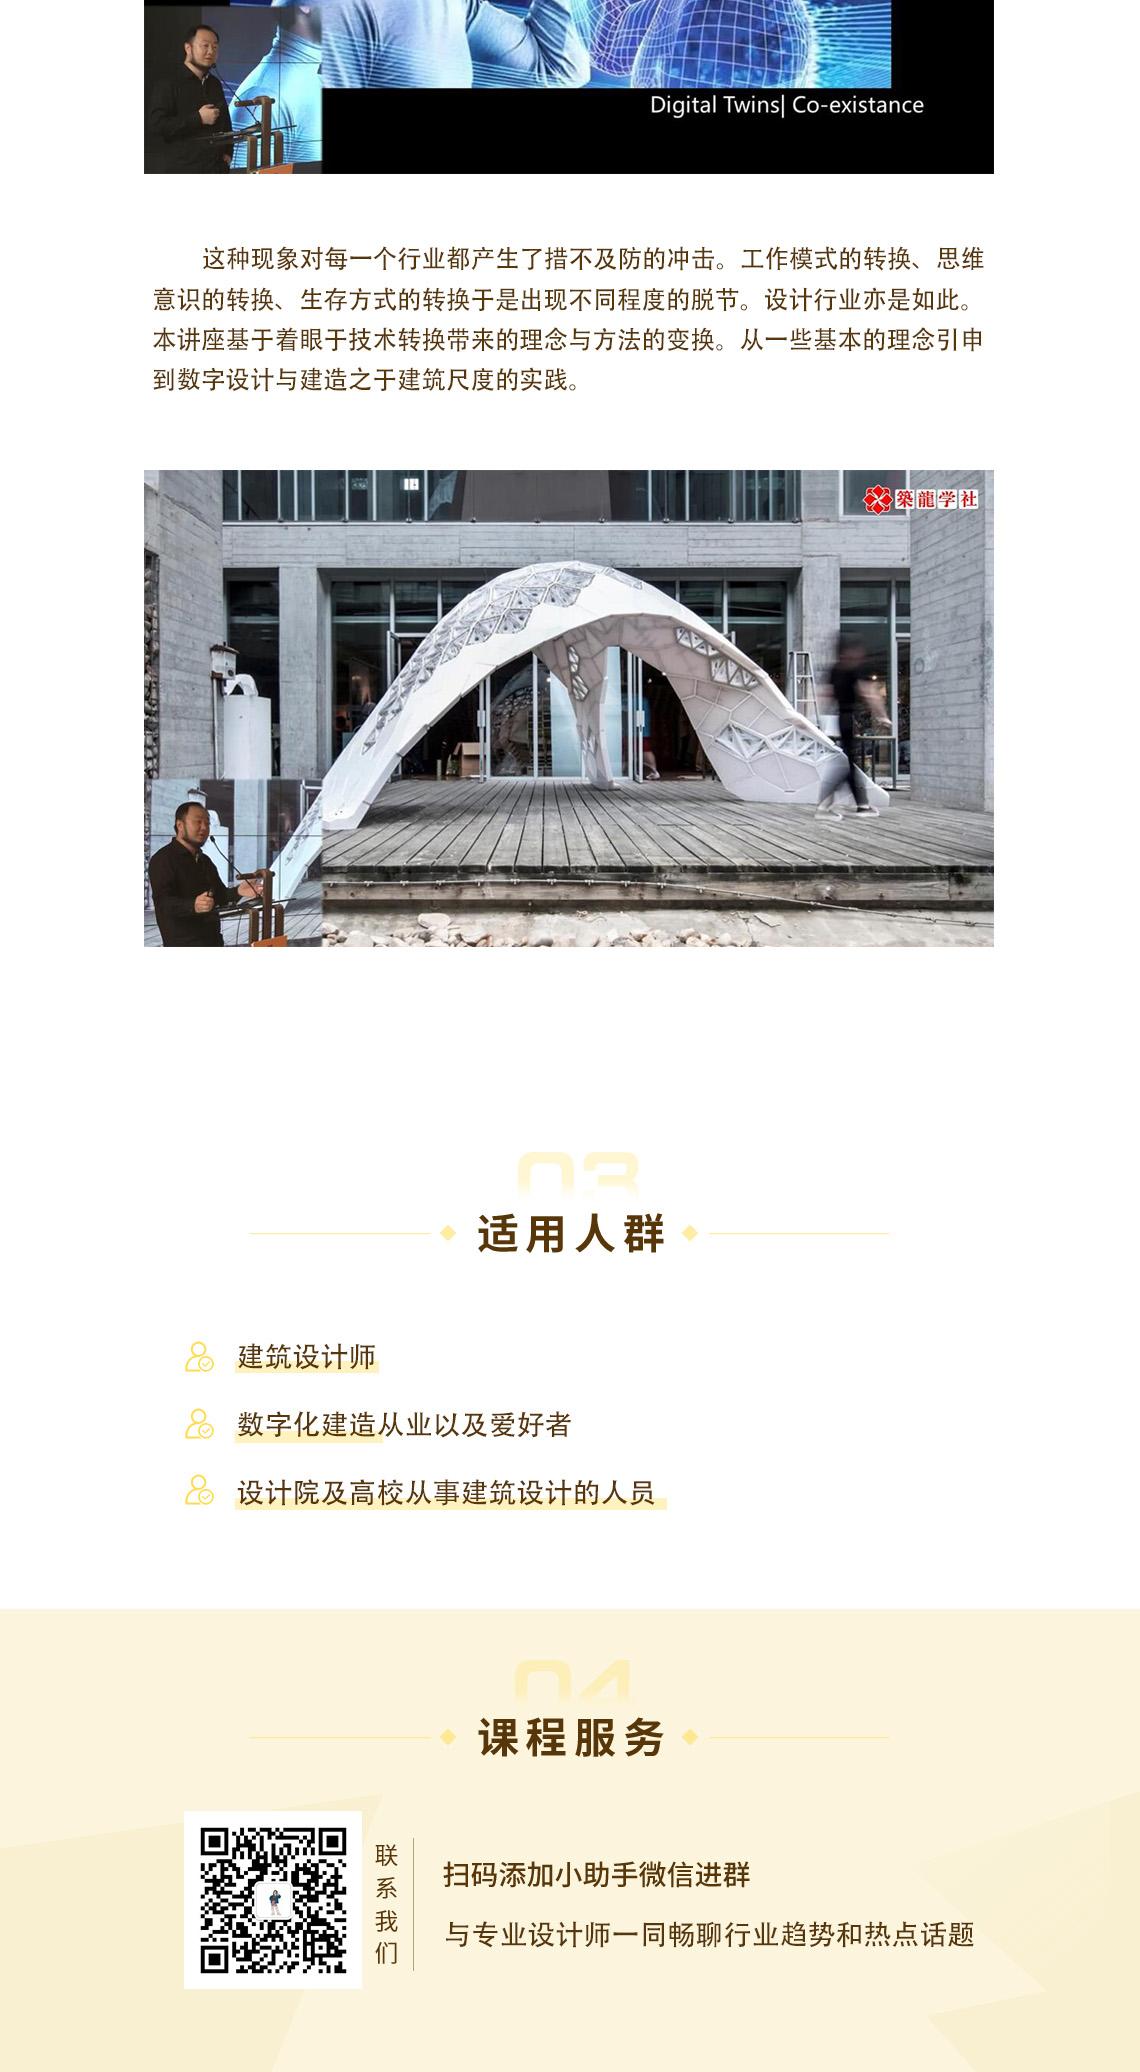 建筑设计与创新科技